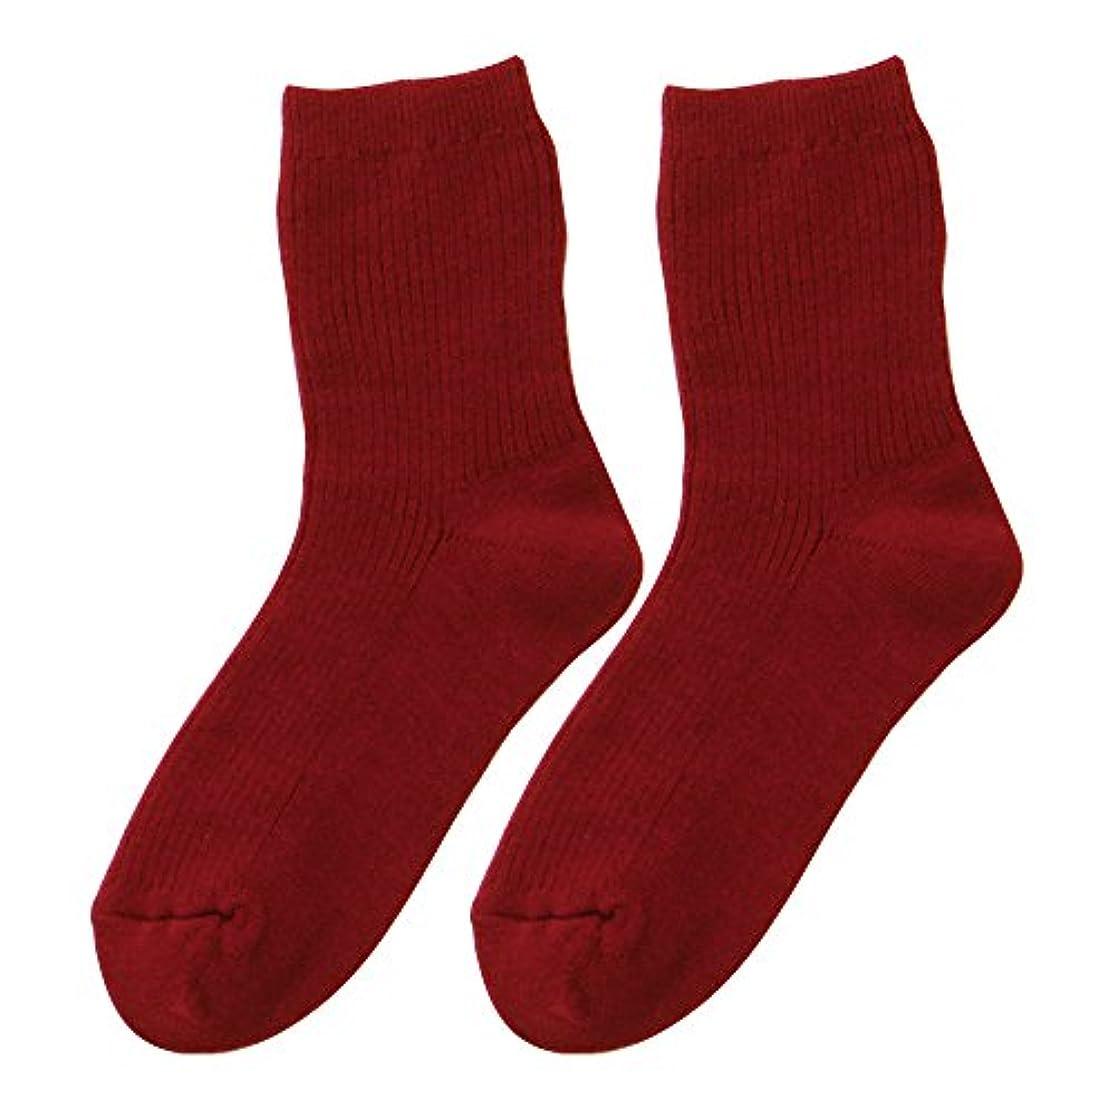 何でもクラッチ微妙ひだまり ダブルソックス 婦人用 靴下[22~24cm] エンジ